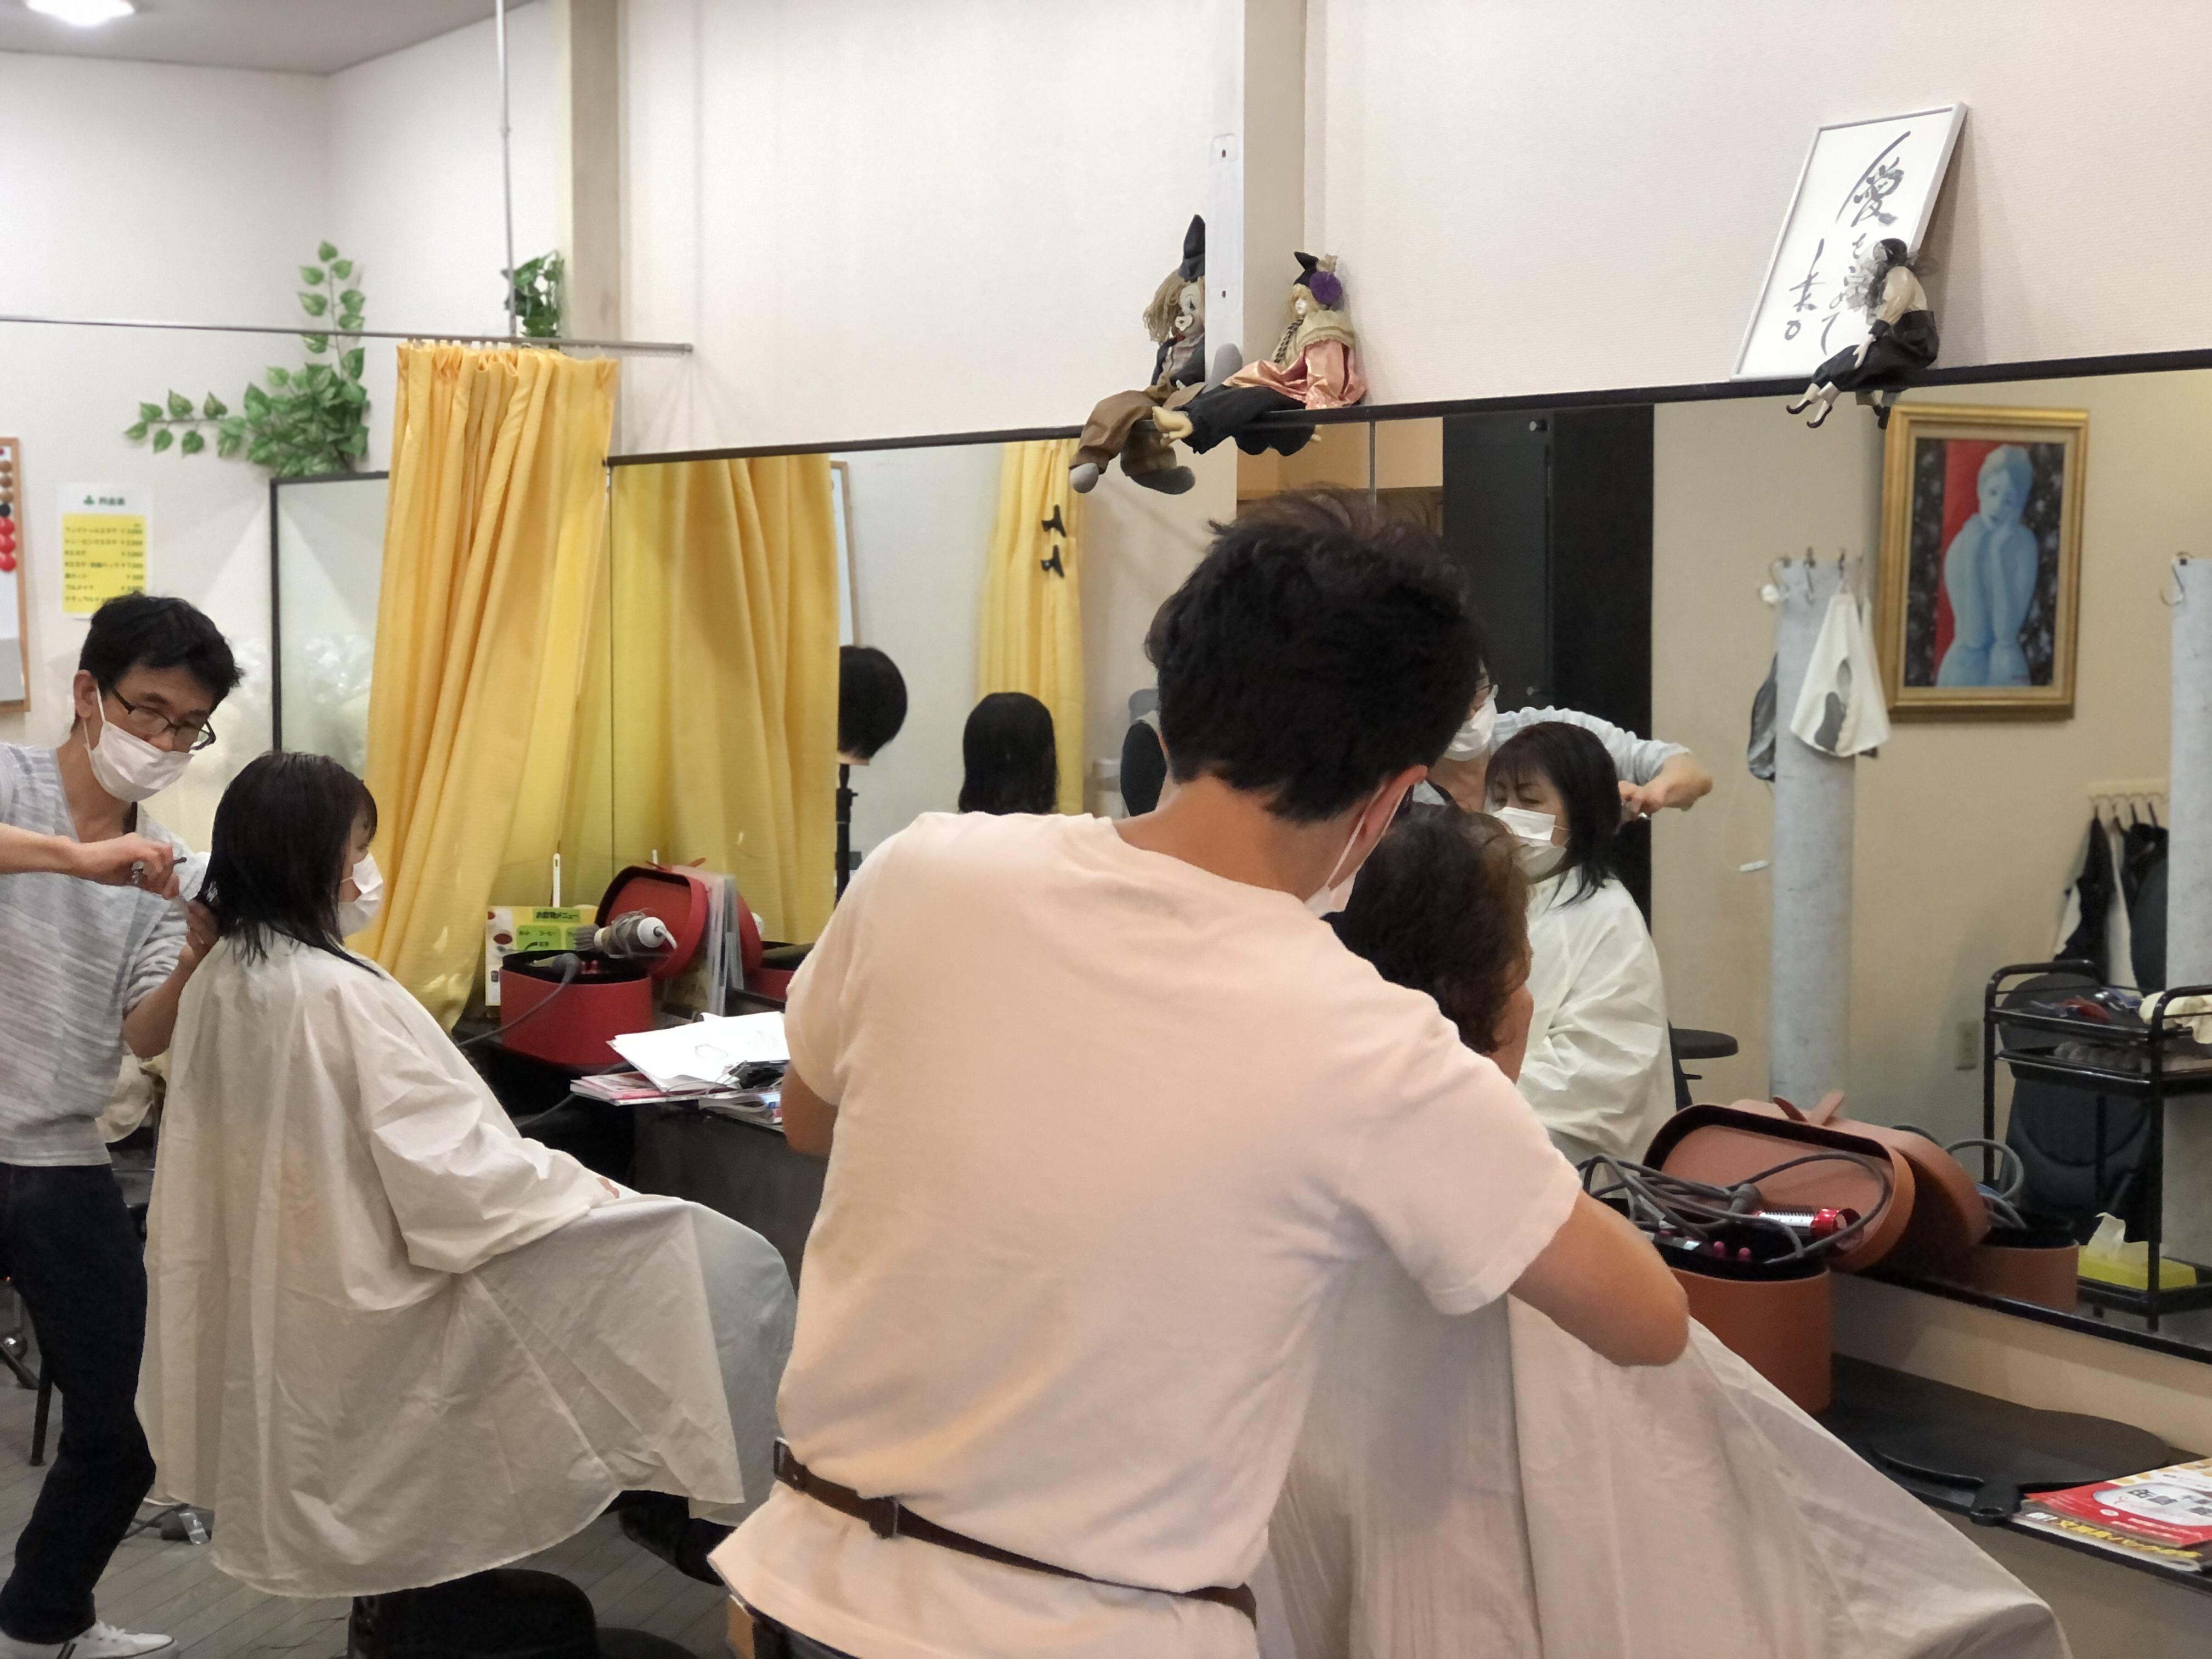 千葉キュビズムカット講習会でした